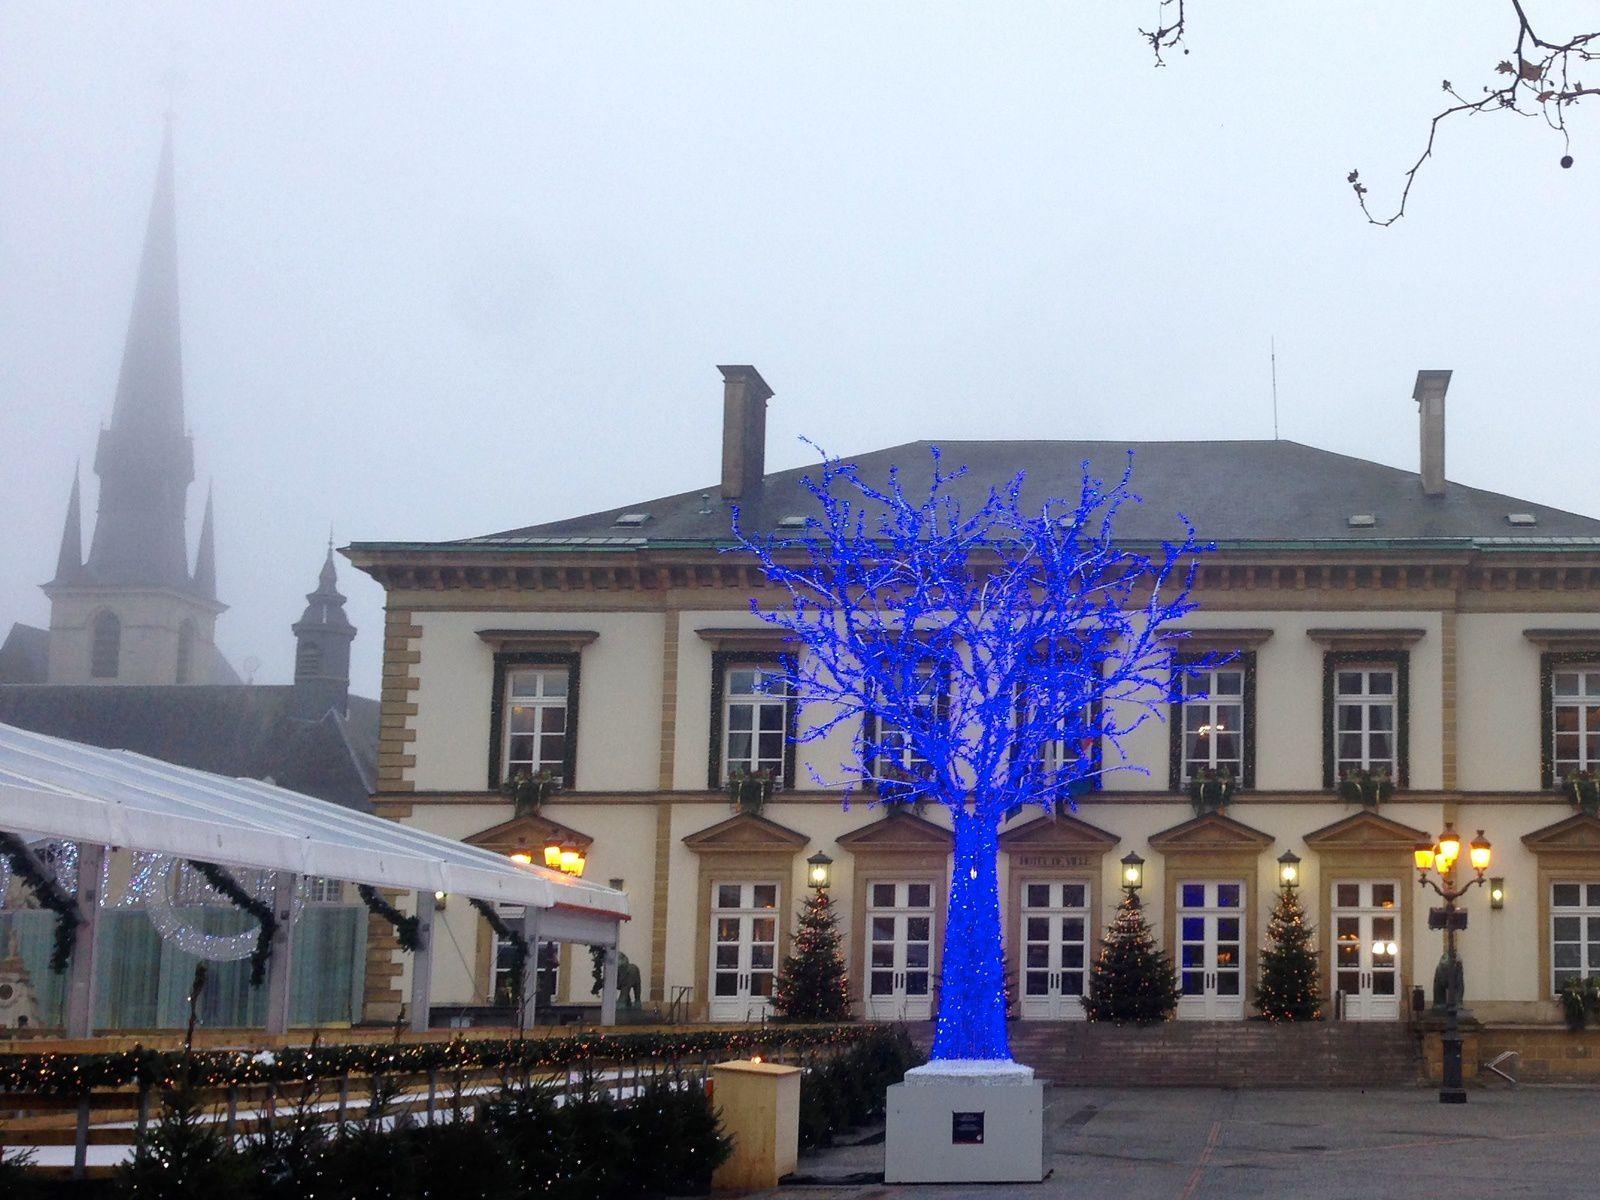 L'arbre bleu - Luxembourg